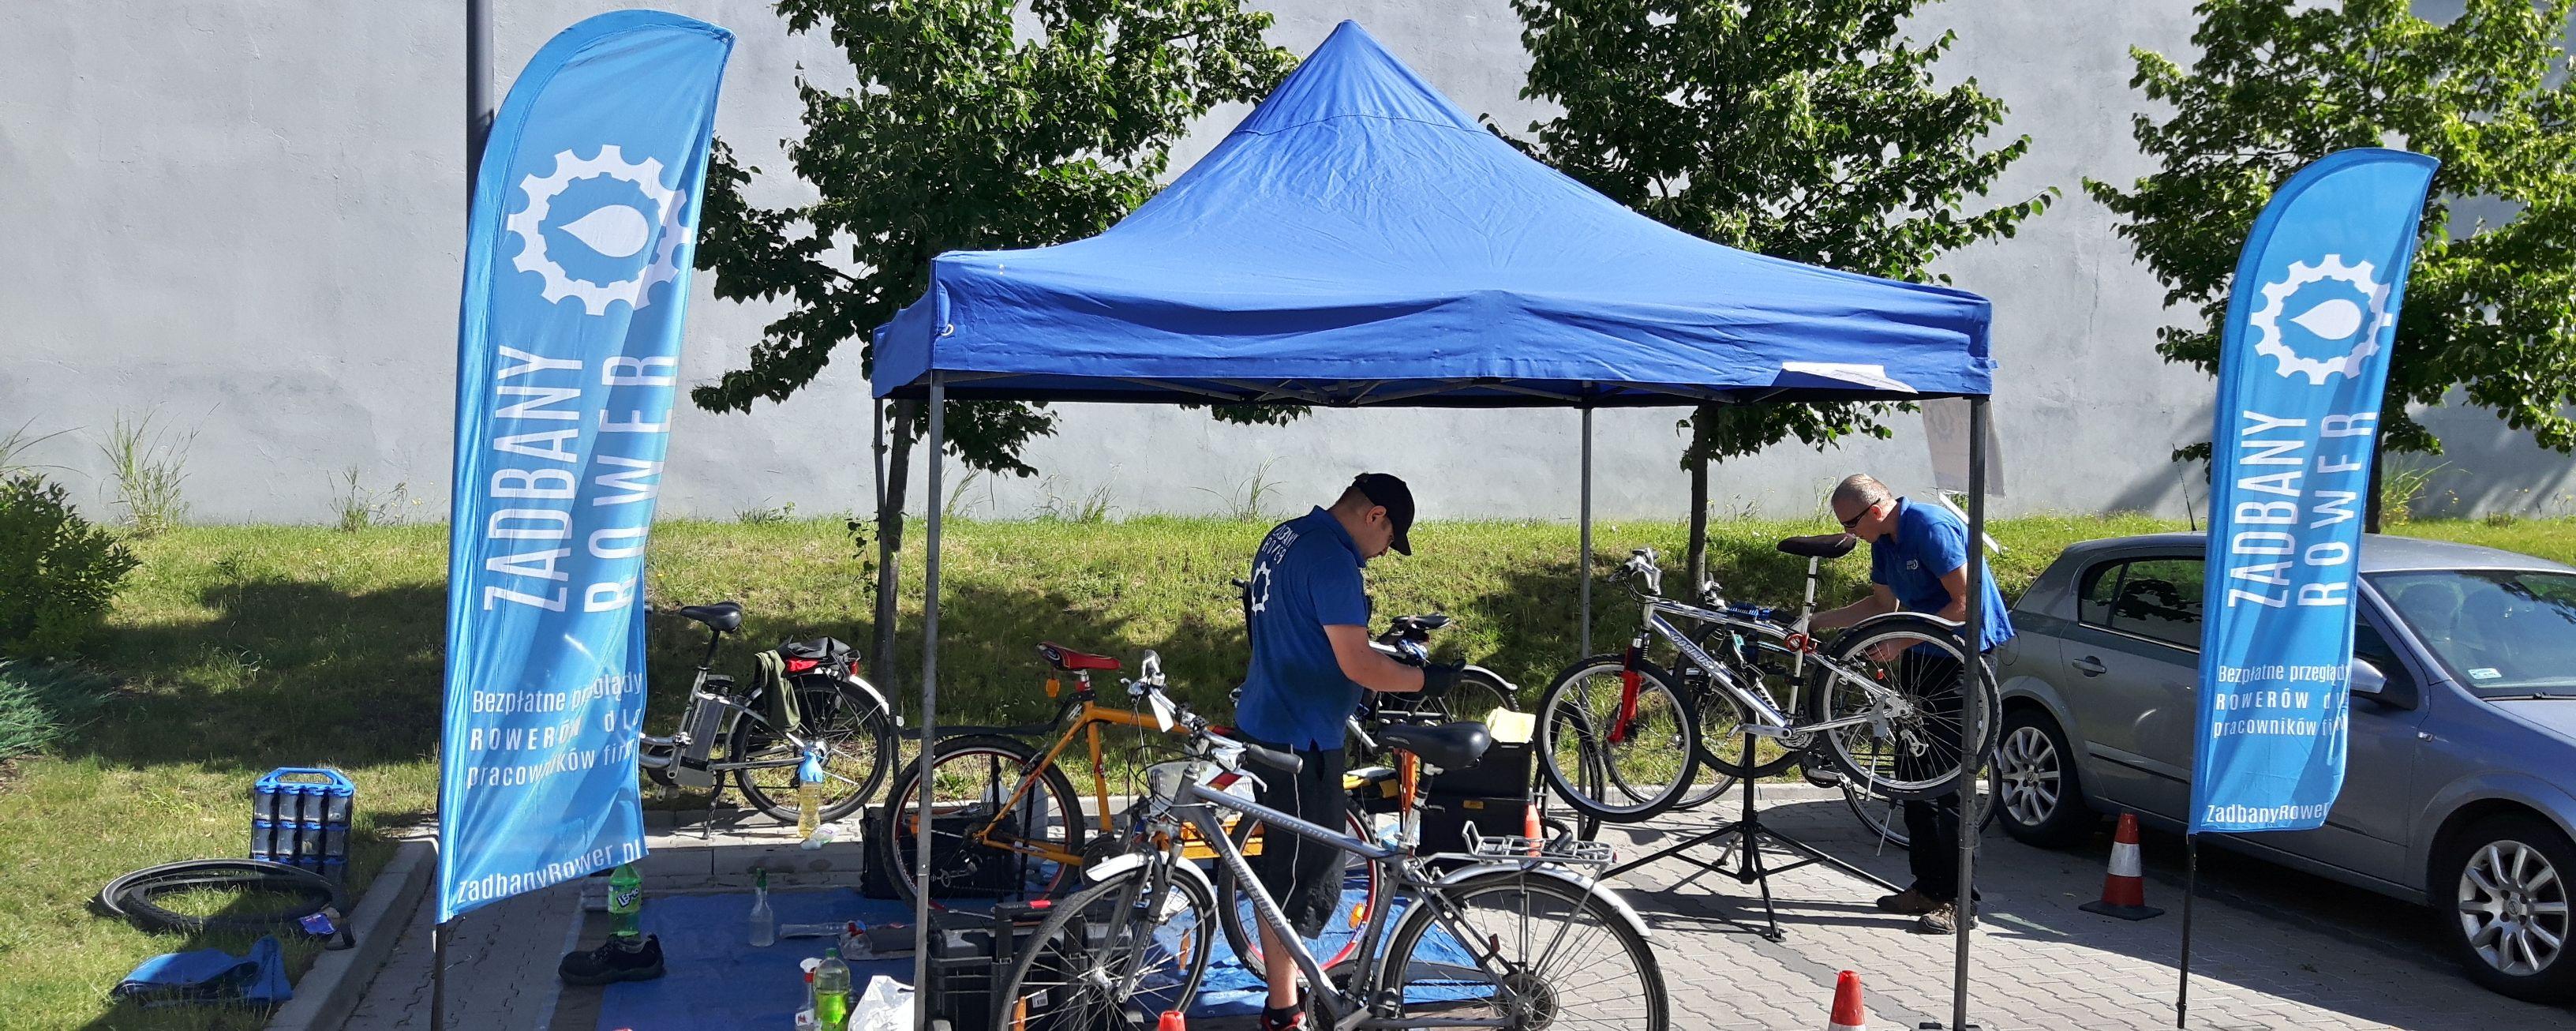 Mobilny przegląd serwisowy rowerów